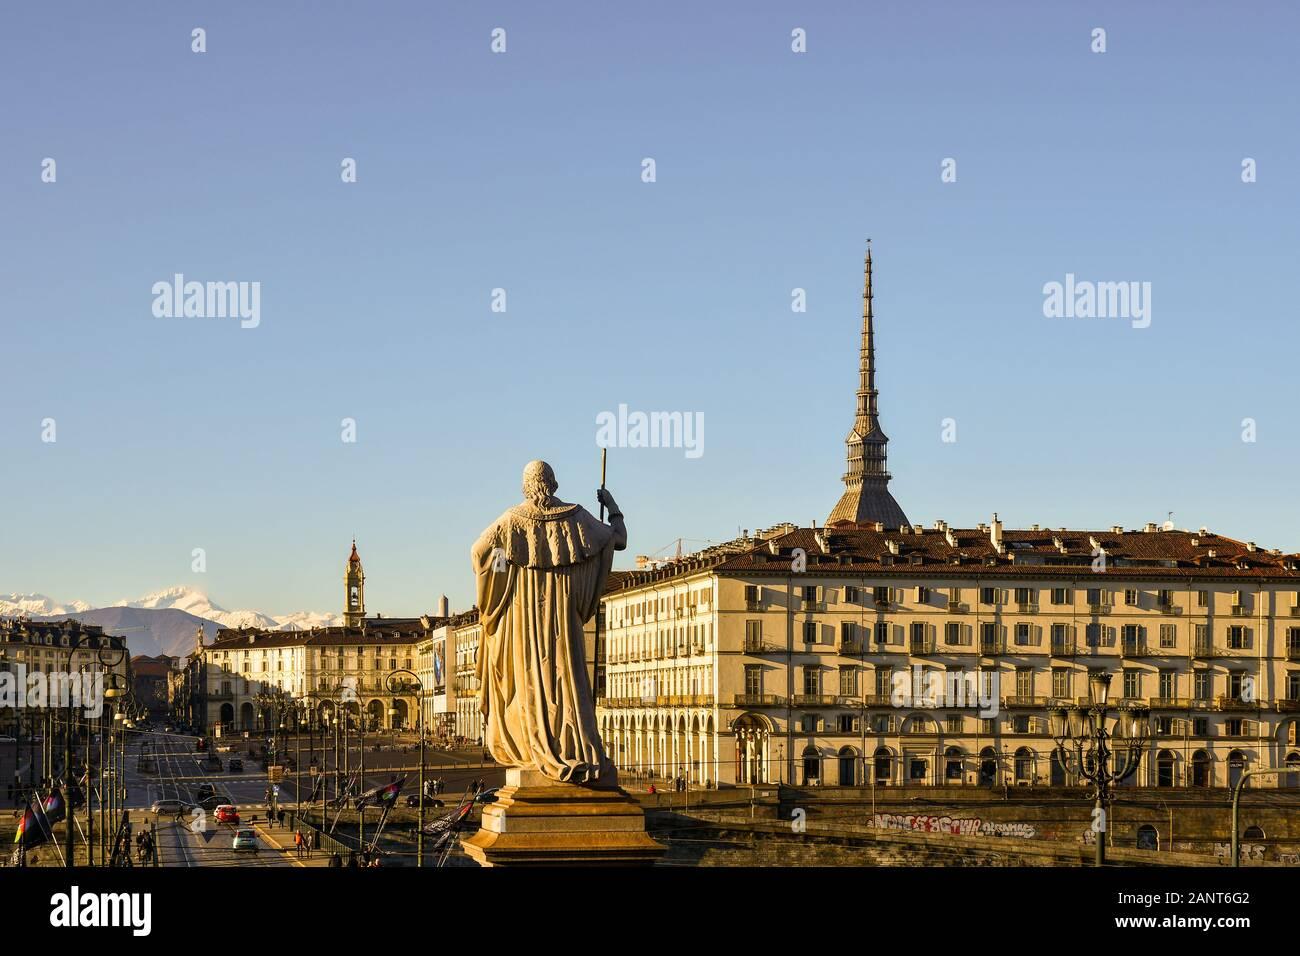 La città di Torino con Piazza Vittorio Veneto, la sommità della Mole Antonelliana e il retro della statua di Vittorio Emanuele I, Piemonte, Italia Foto Stock